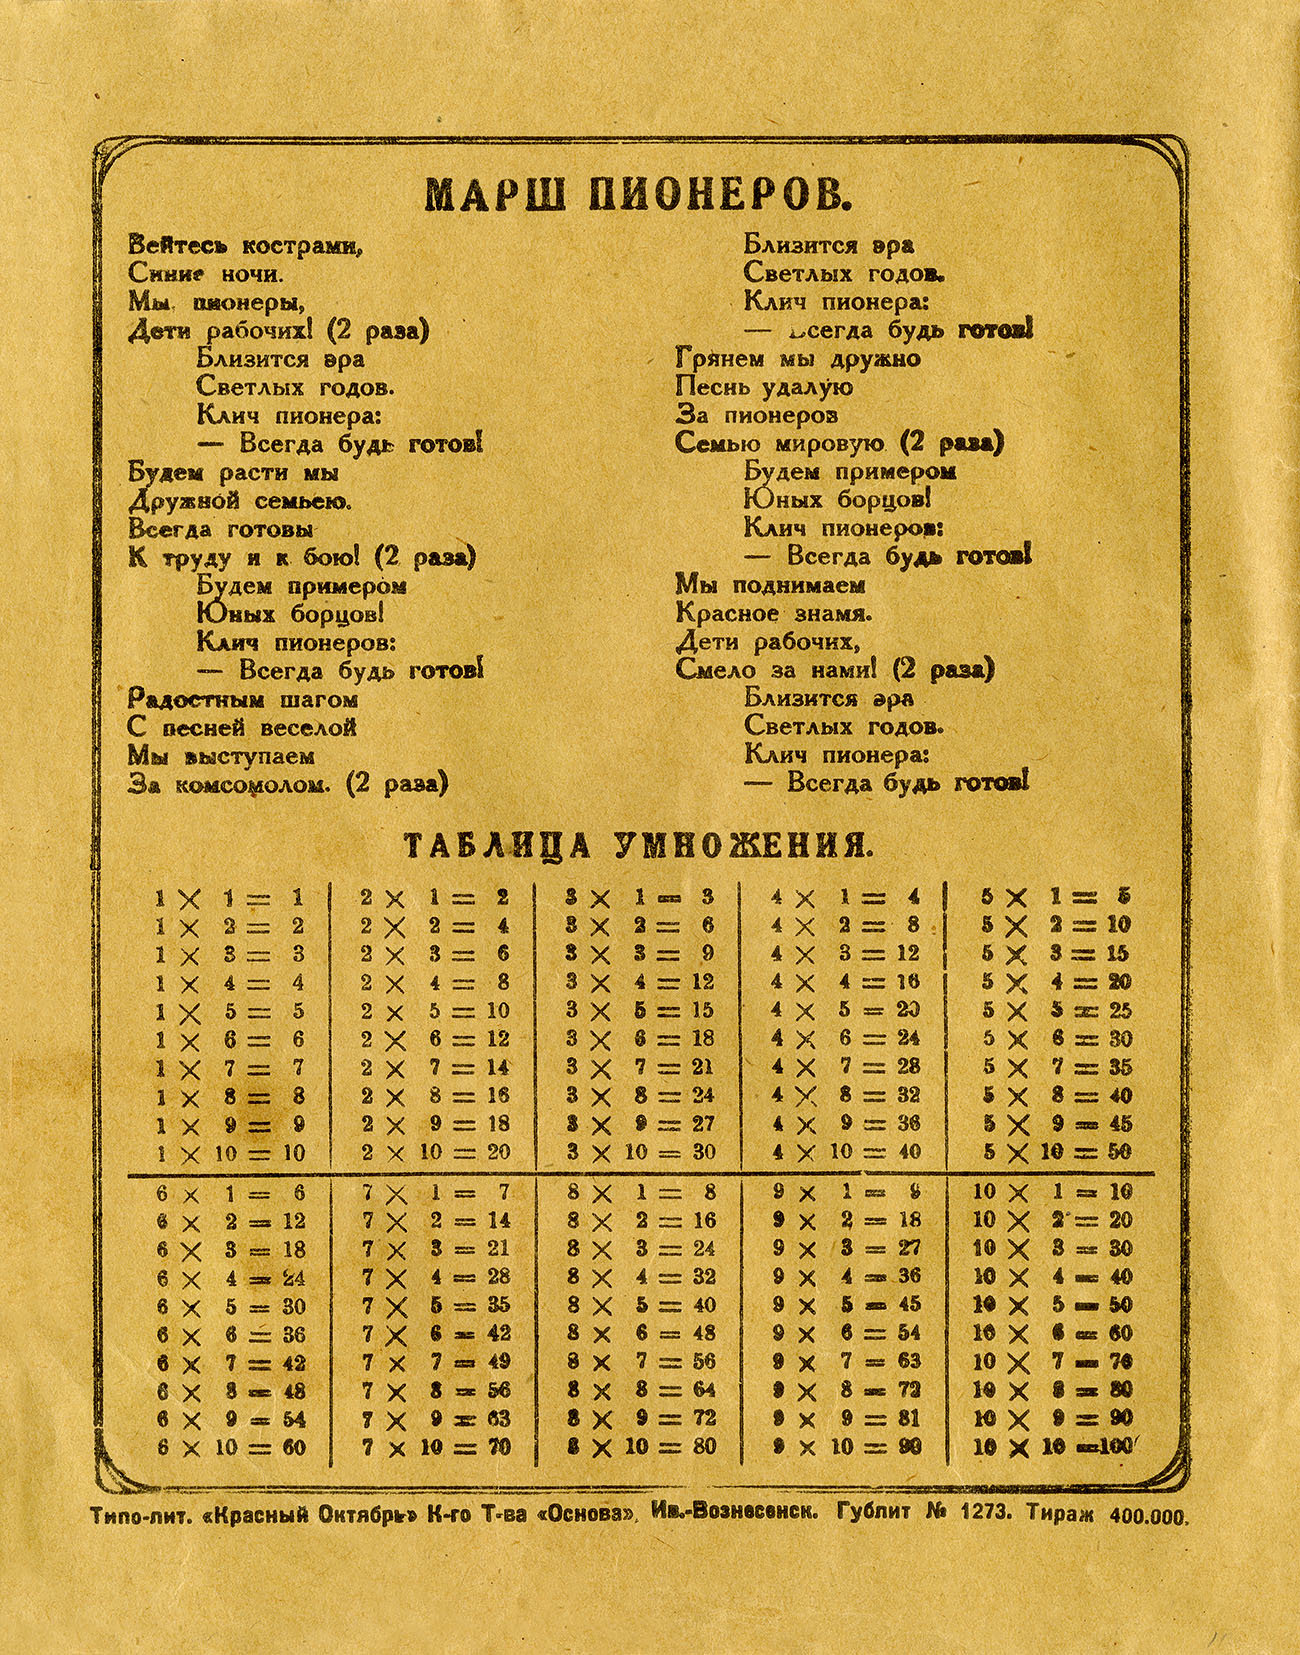 Т-во Основа, Рыков, 1927-30, оборот